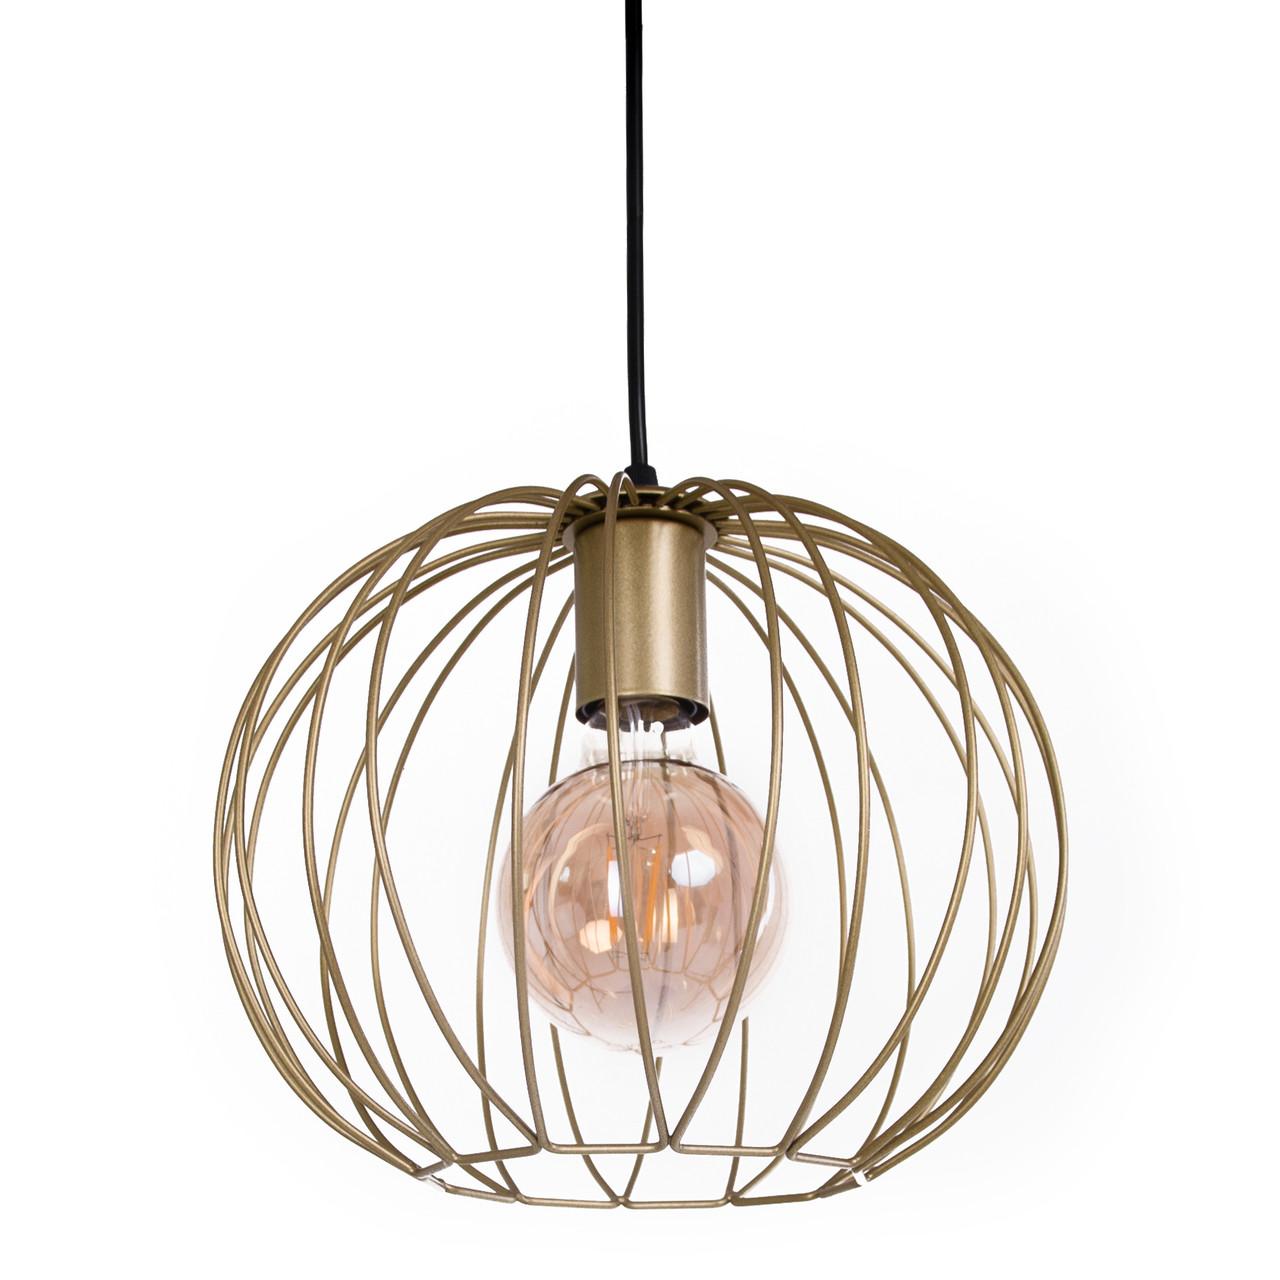 Светильник потолочный Globe Р270 Золото (1446)